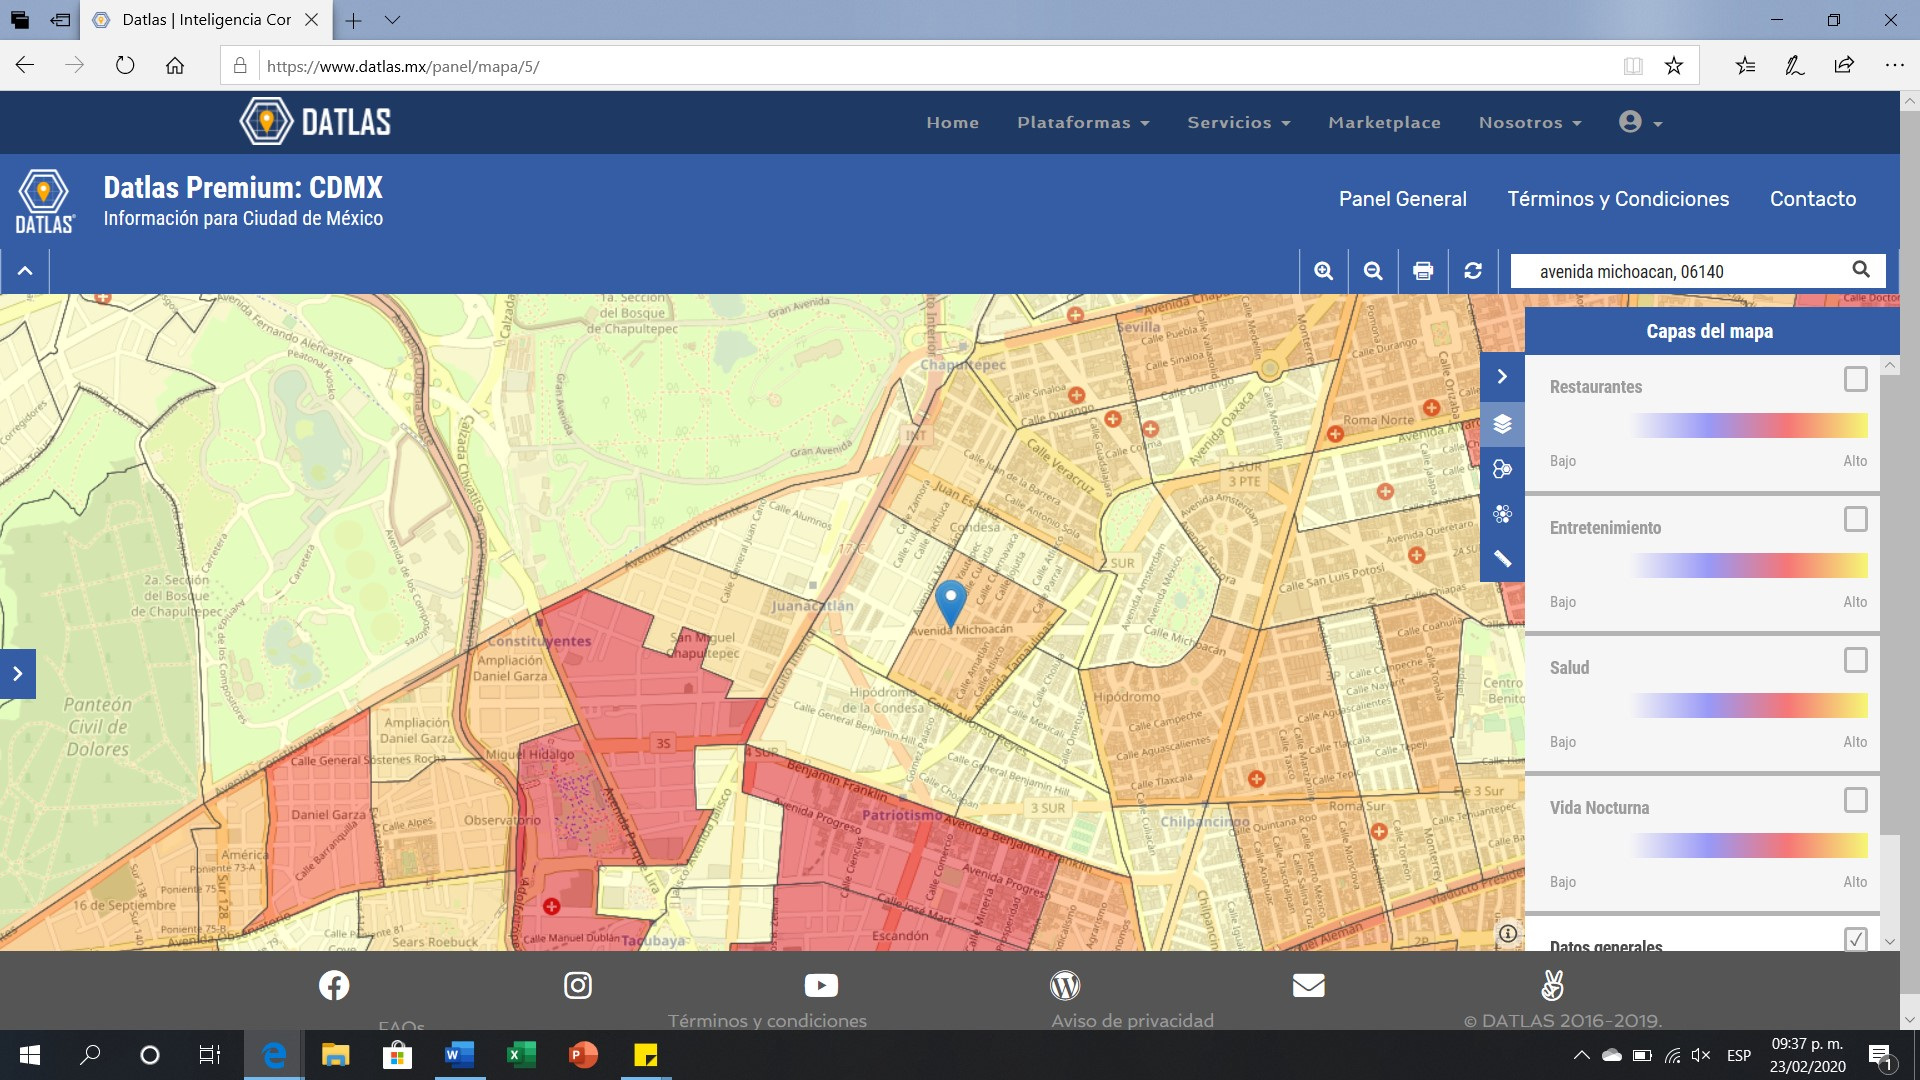 datlas_mapa_premium_cdmx_ubicacion